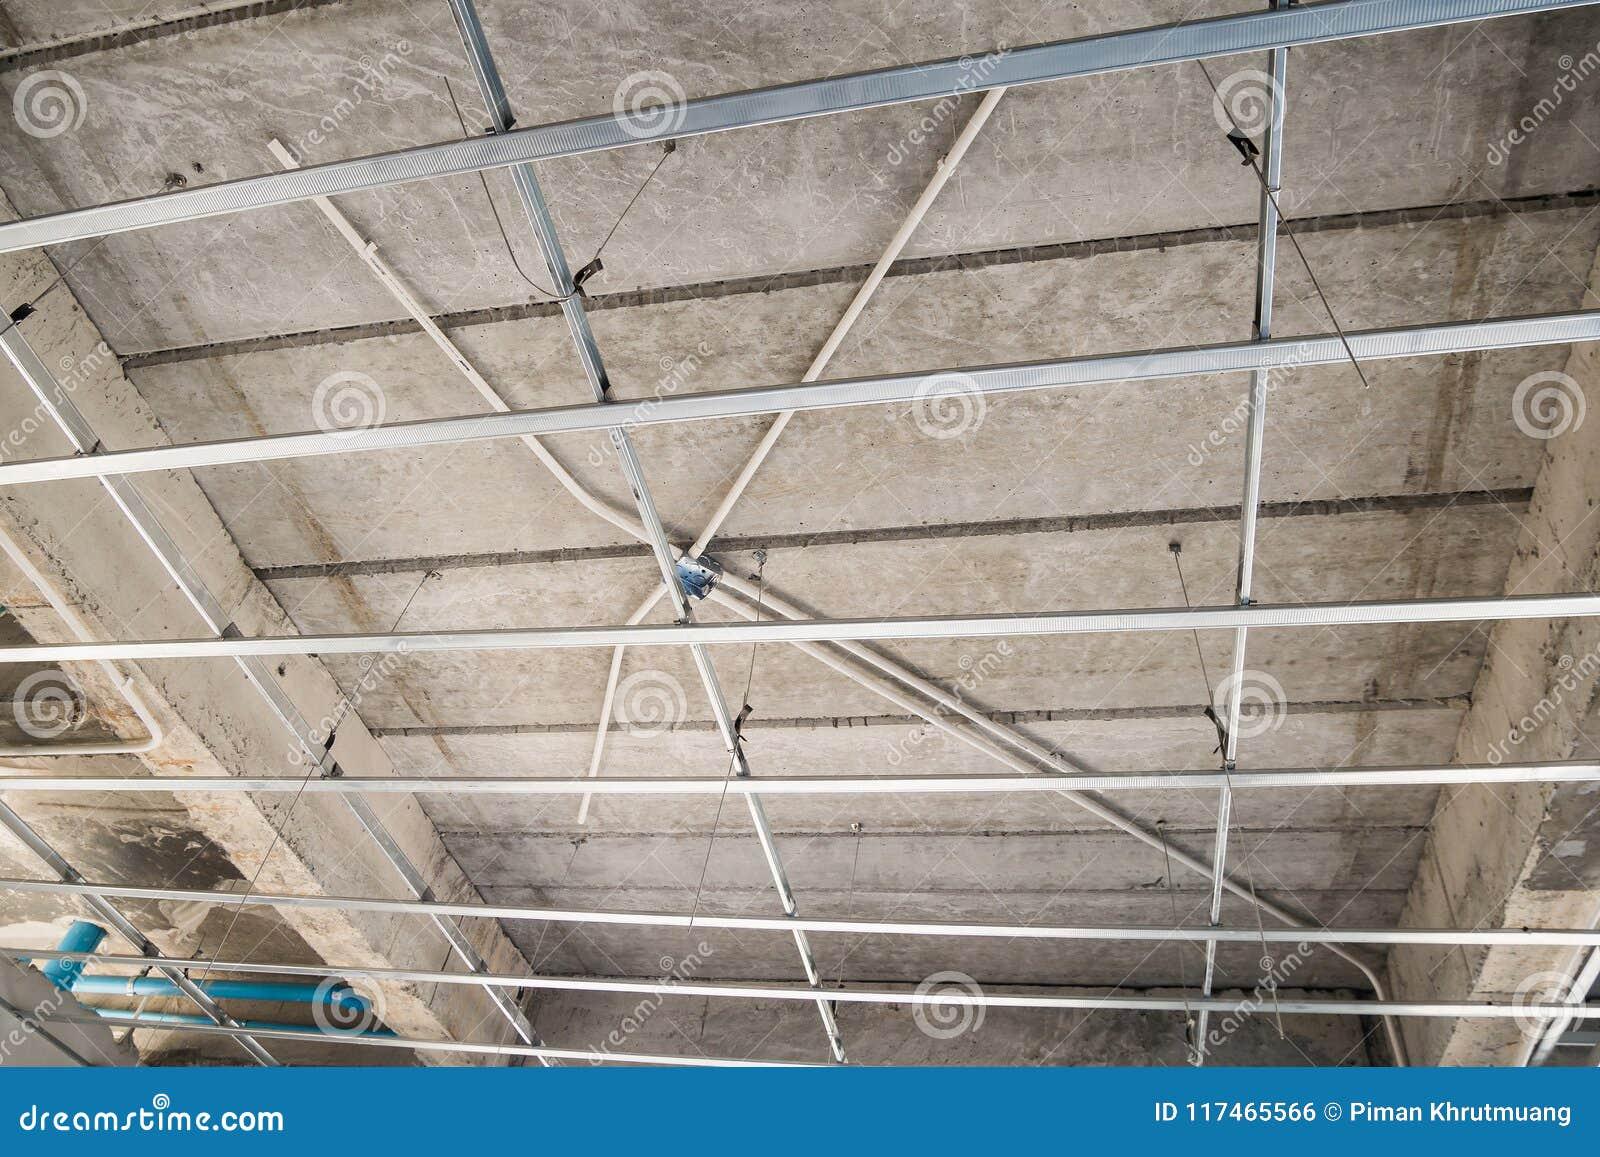 Installieren Sie Metallrahmen für Gipsbrettdecke am Haus